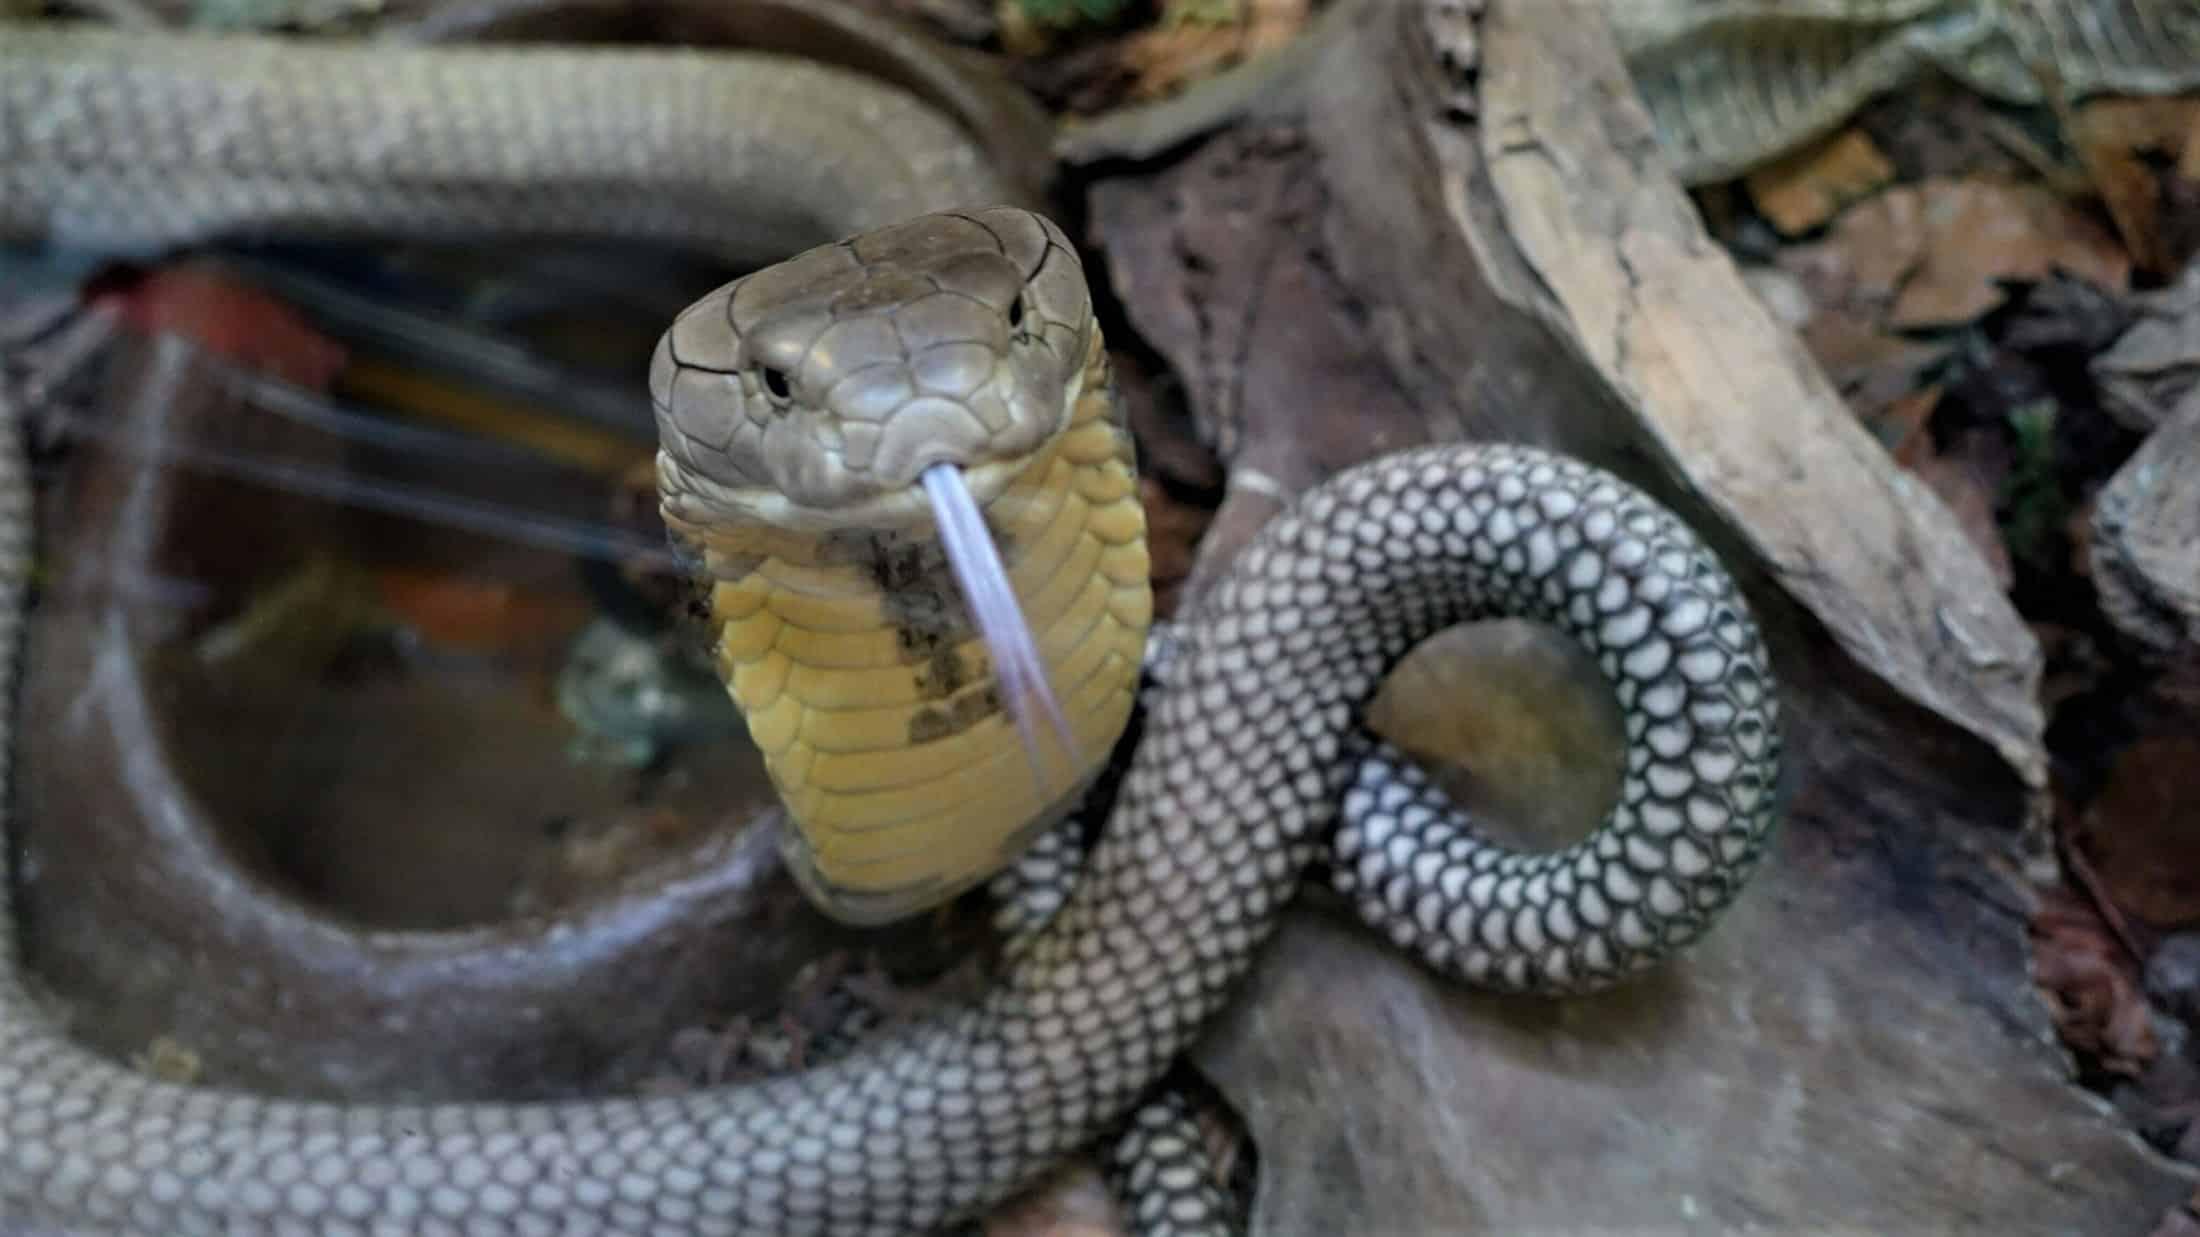 Kobra im Reptilienzoo Happ - artenreichster Zoo mit Reptilien in Österreich - auch im Winter geöffnet